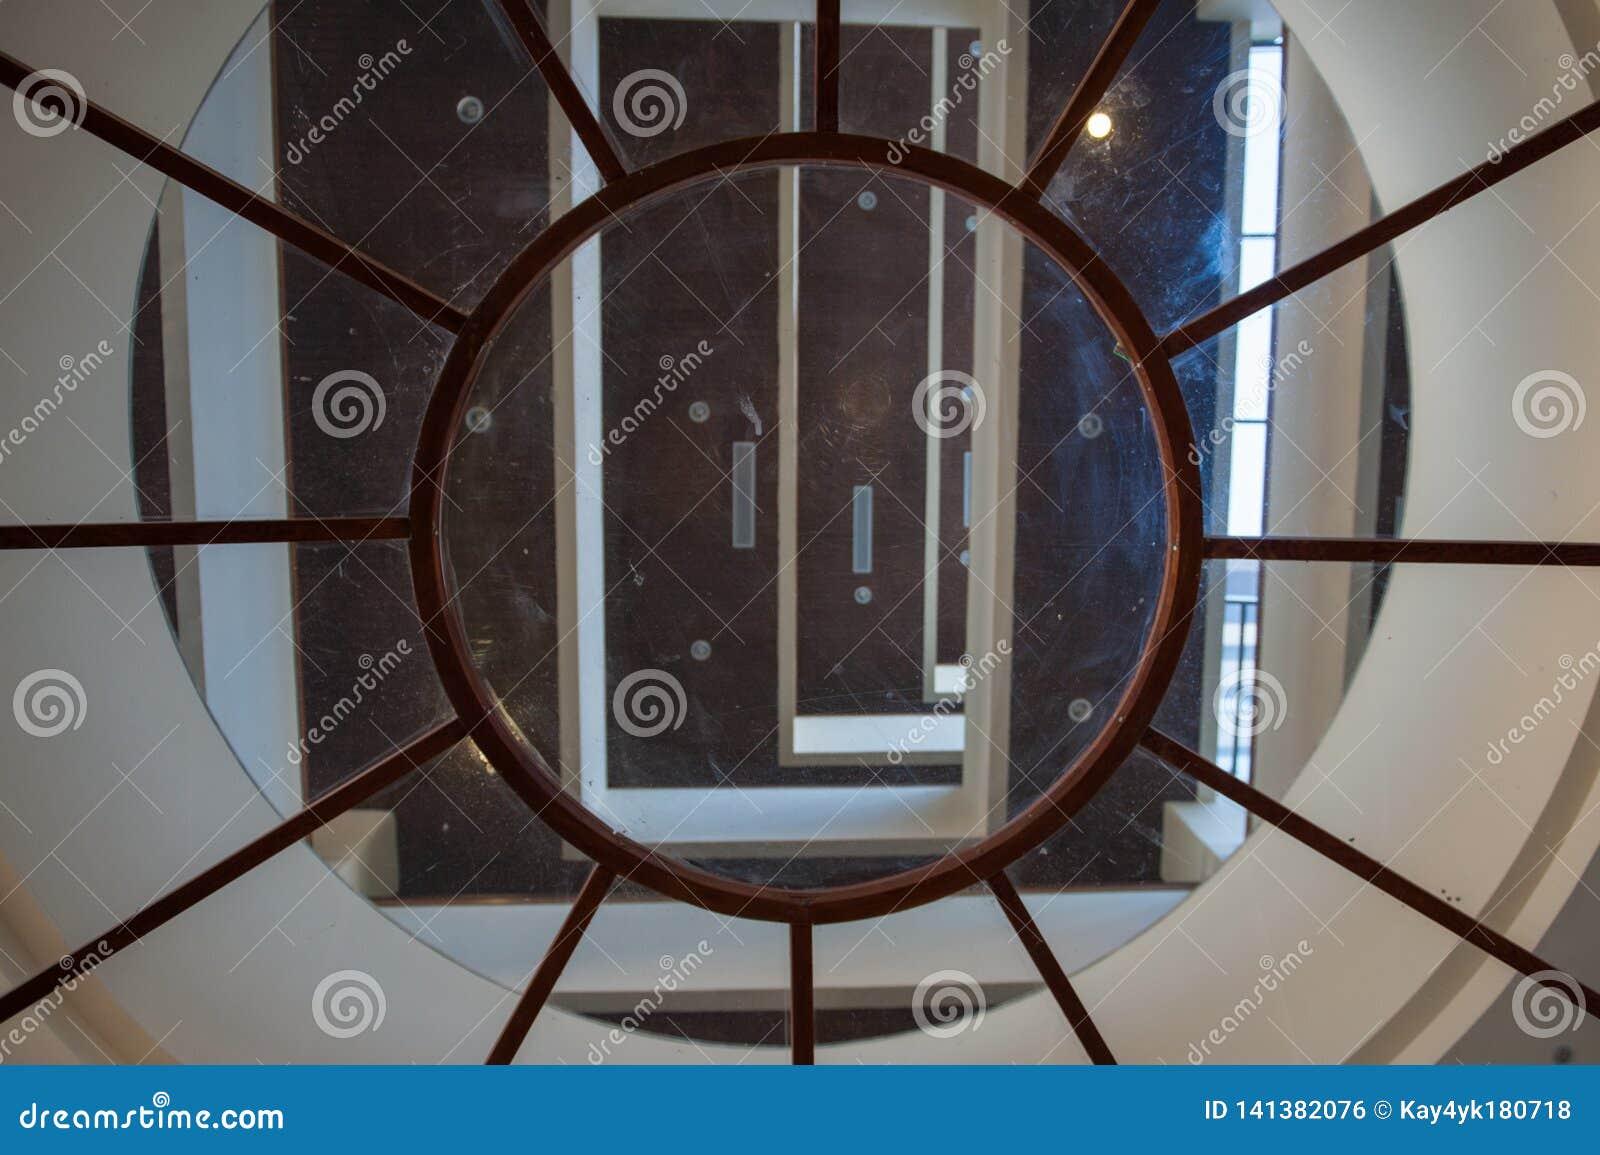 Runde Glasdecke innerhalb des Gebäudes im Erholungsort